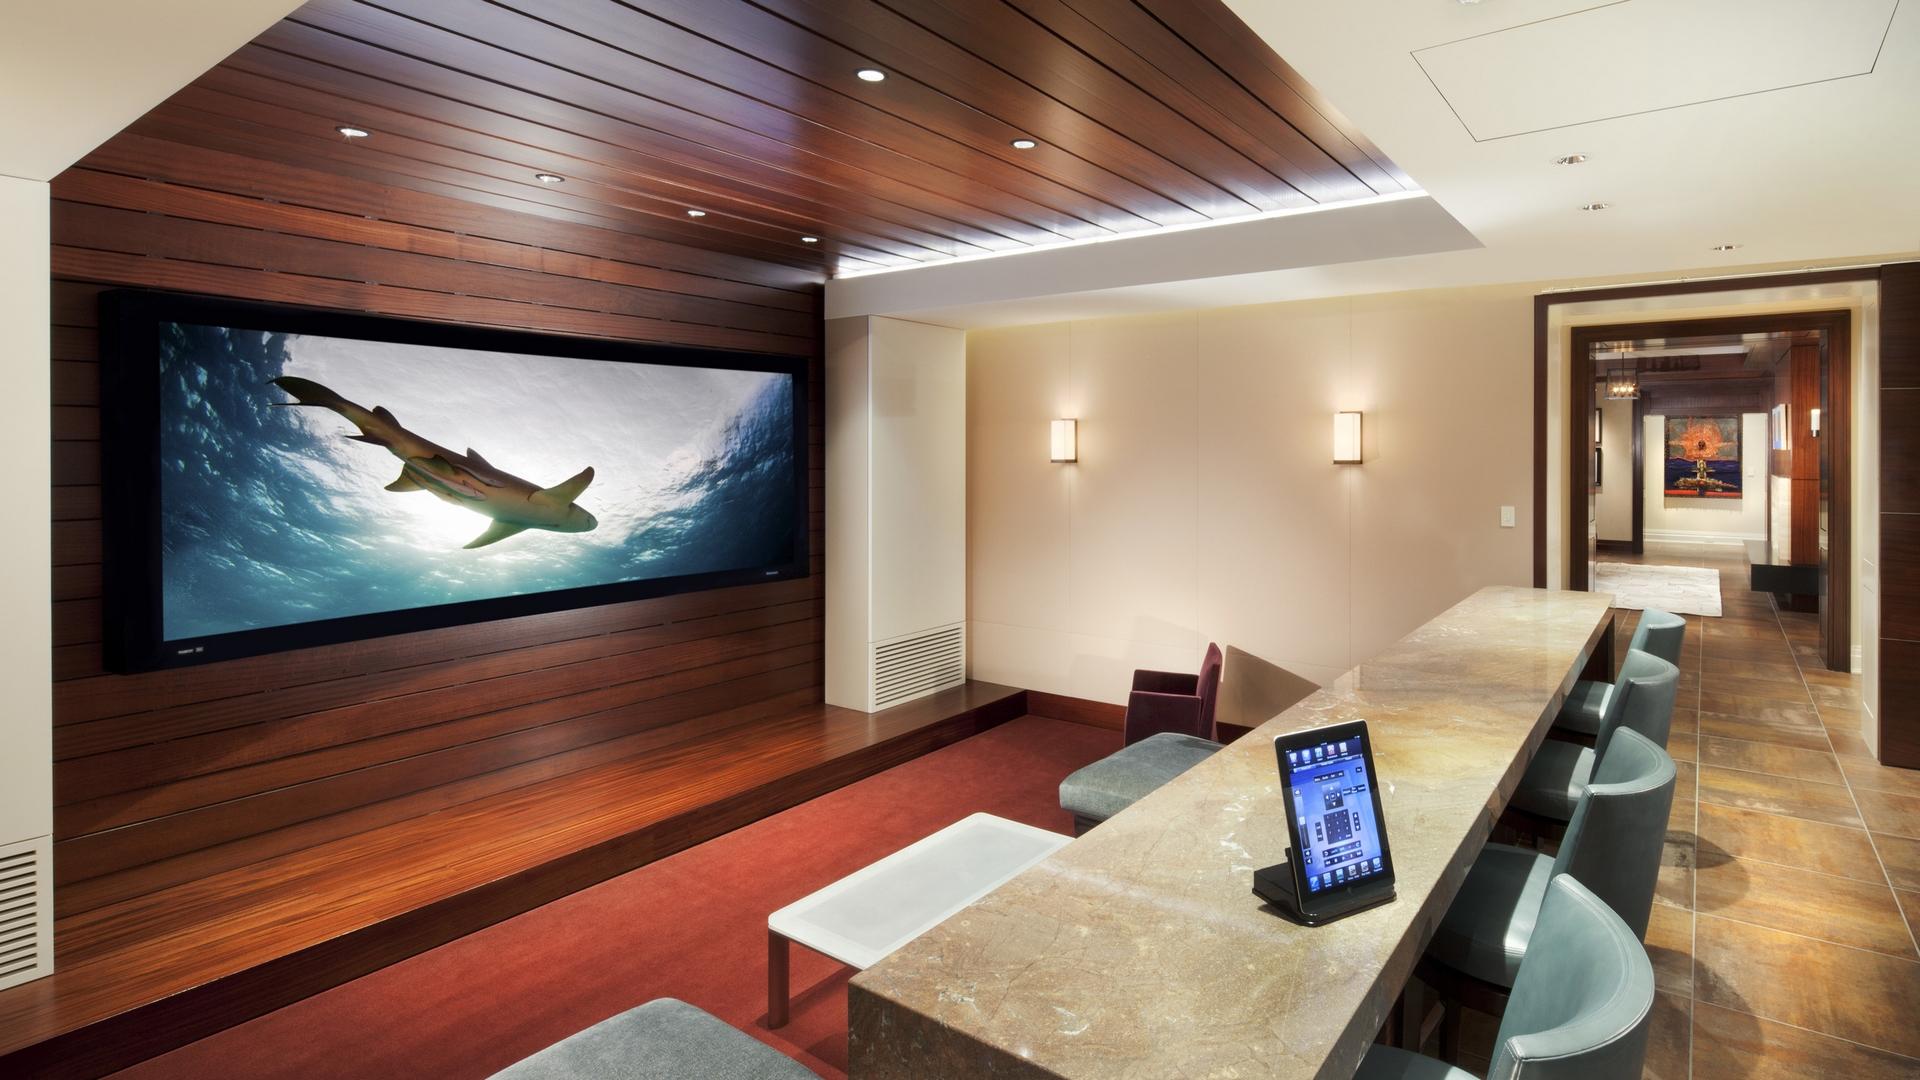 комната, зал, телевизор